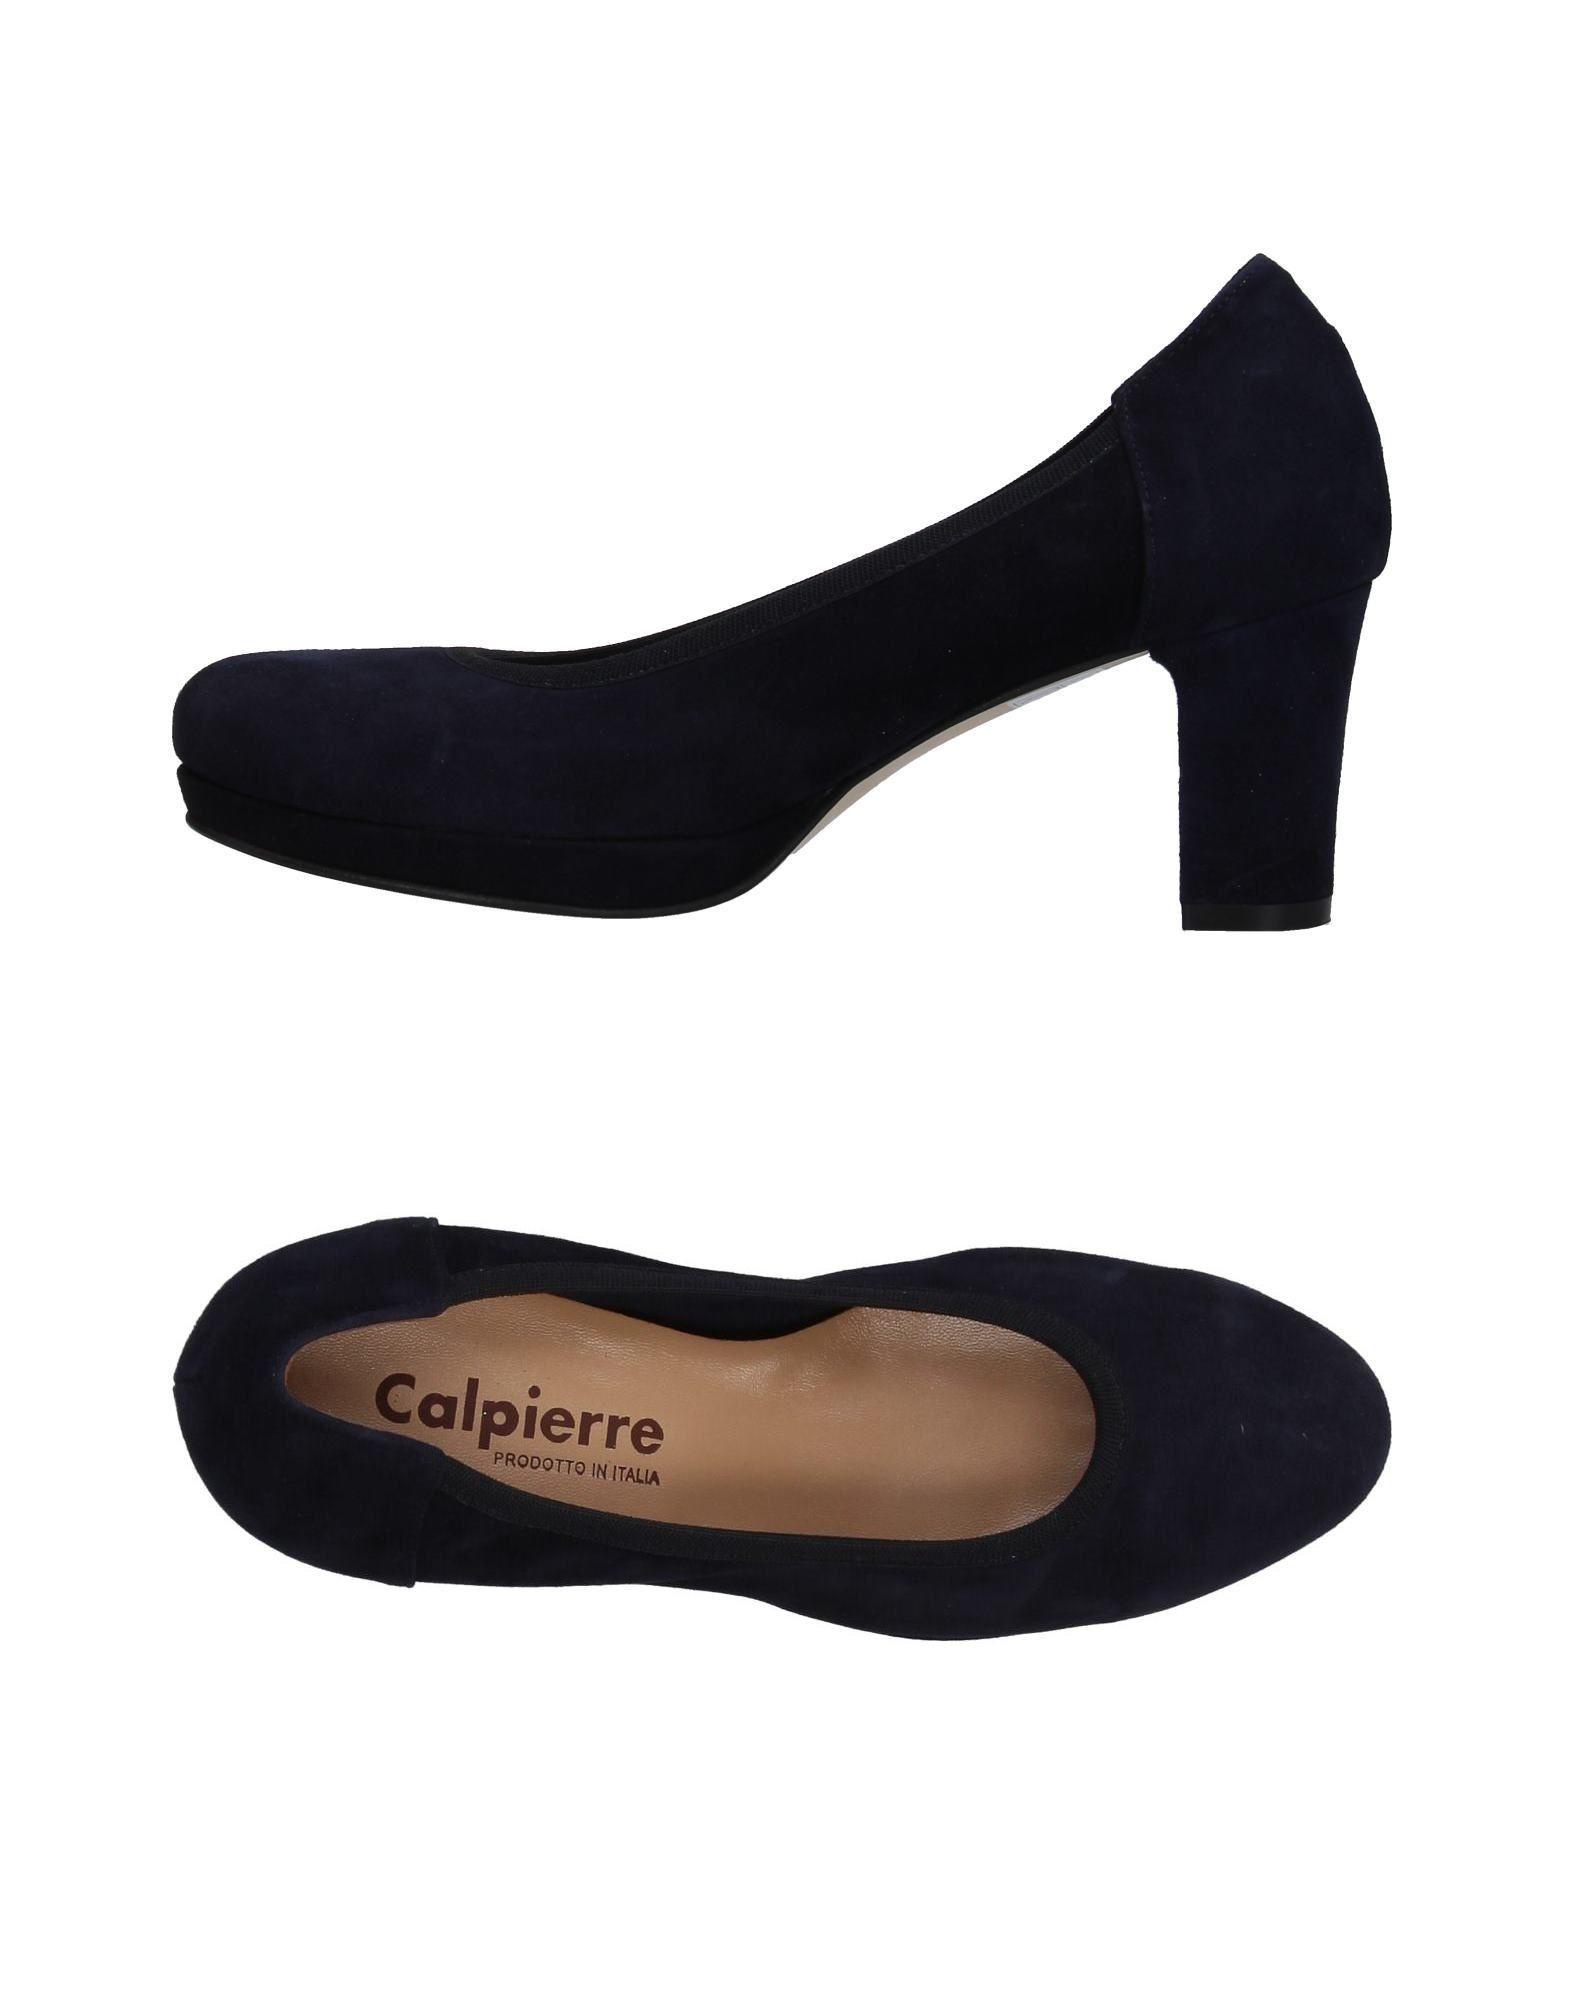 Escarpins Calpierre Femme - Escarpins Calpierre sur